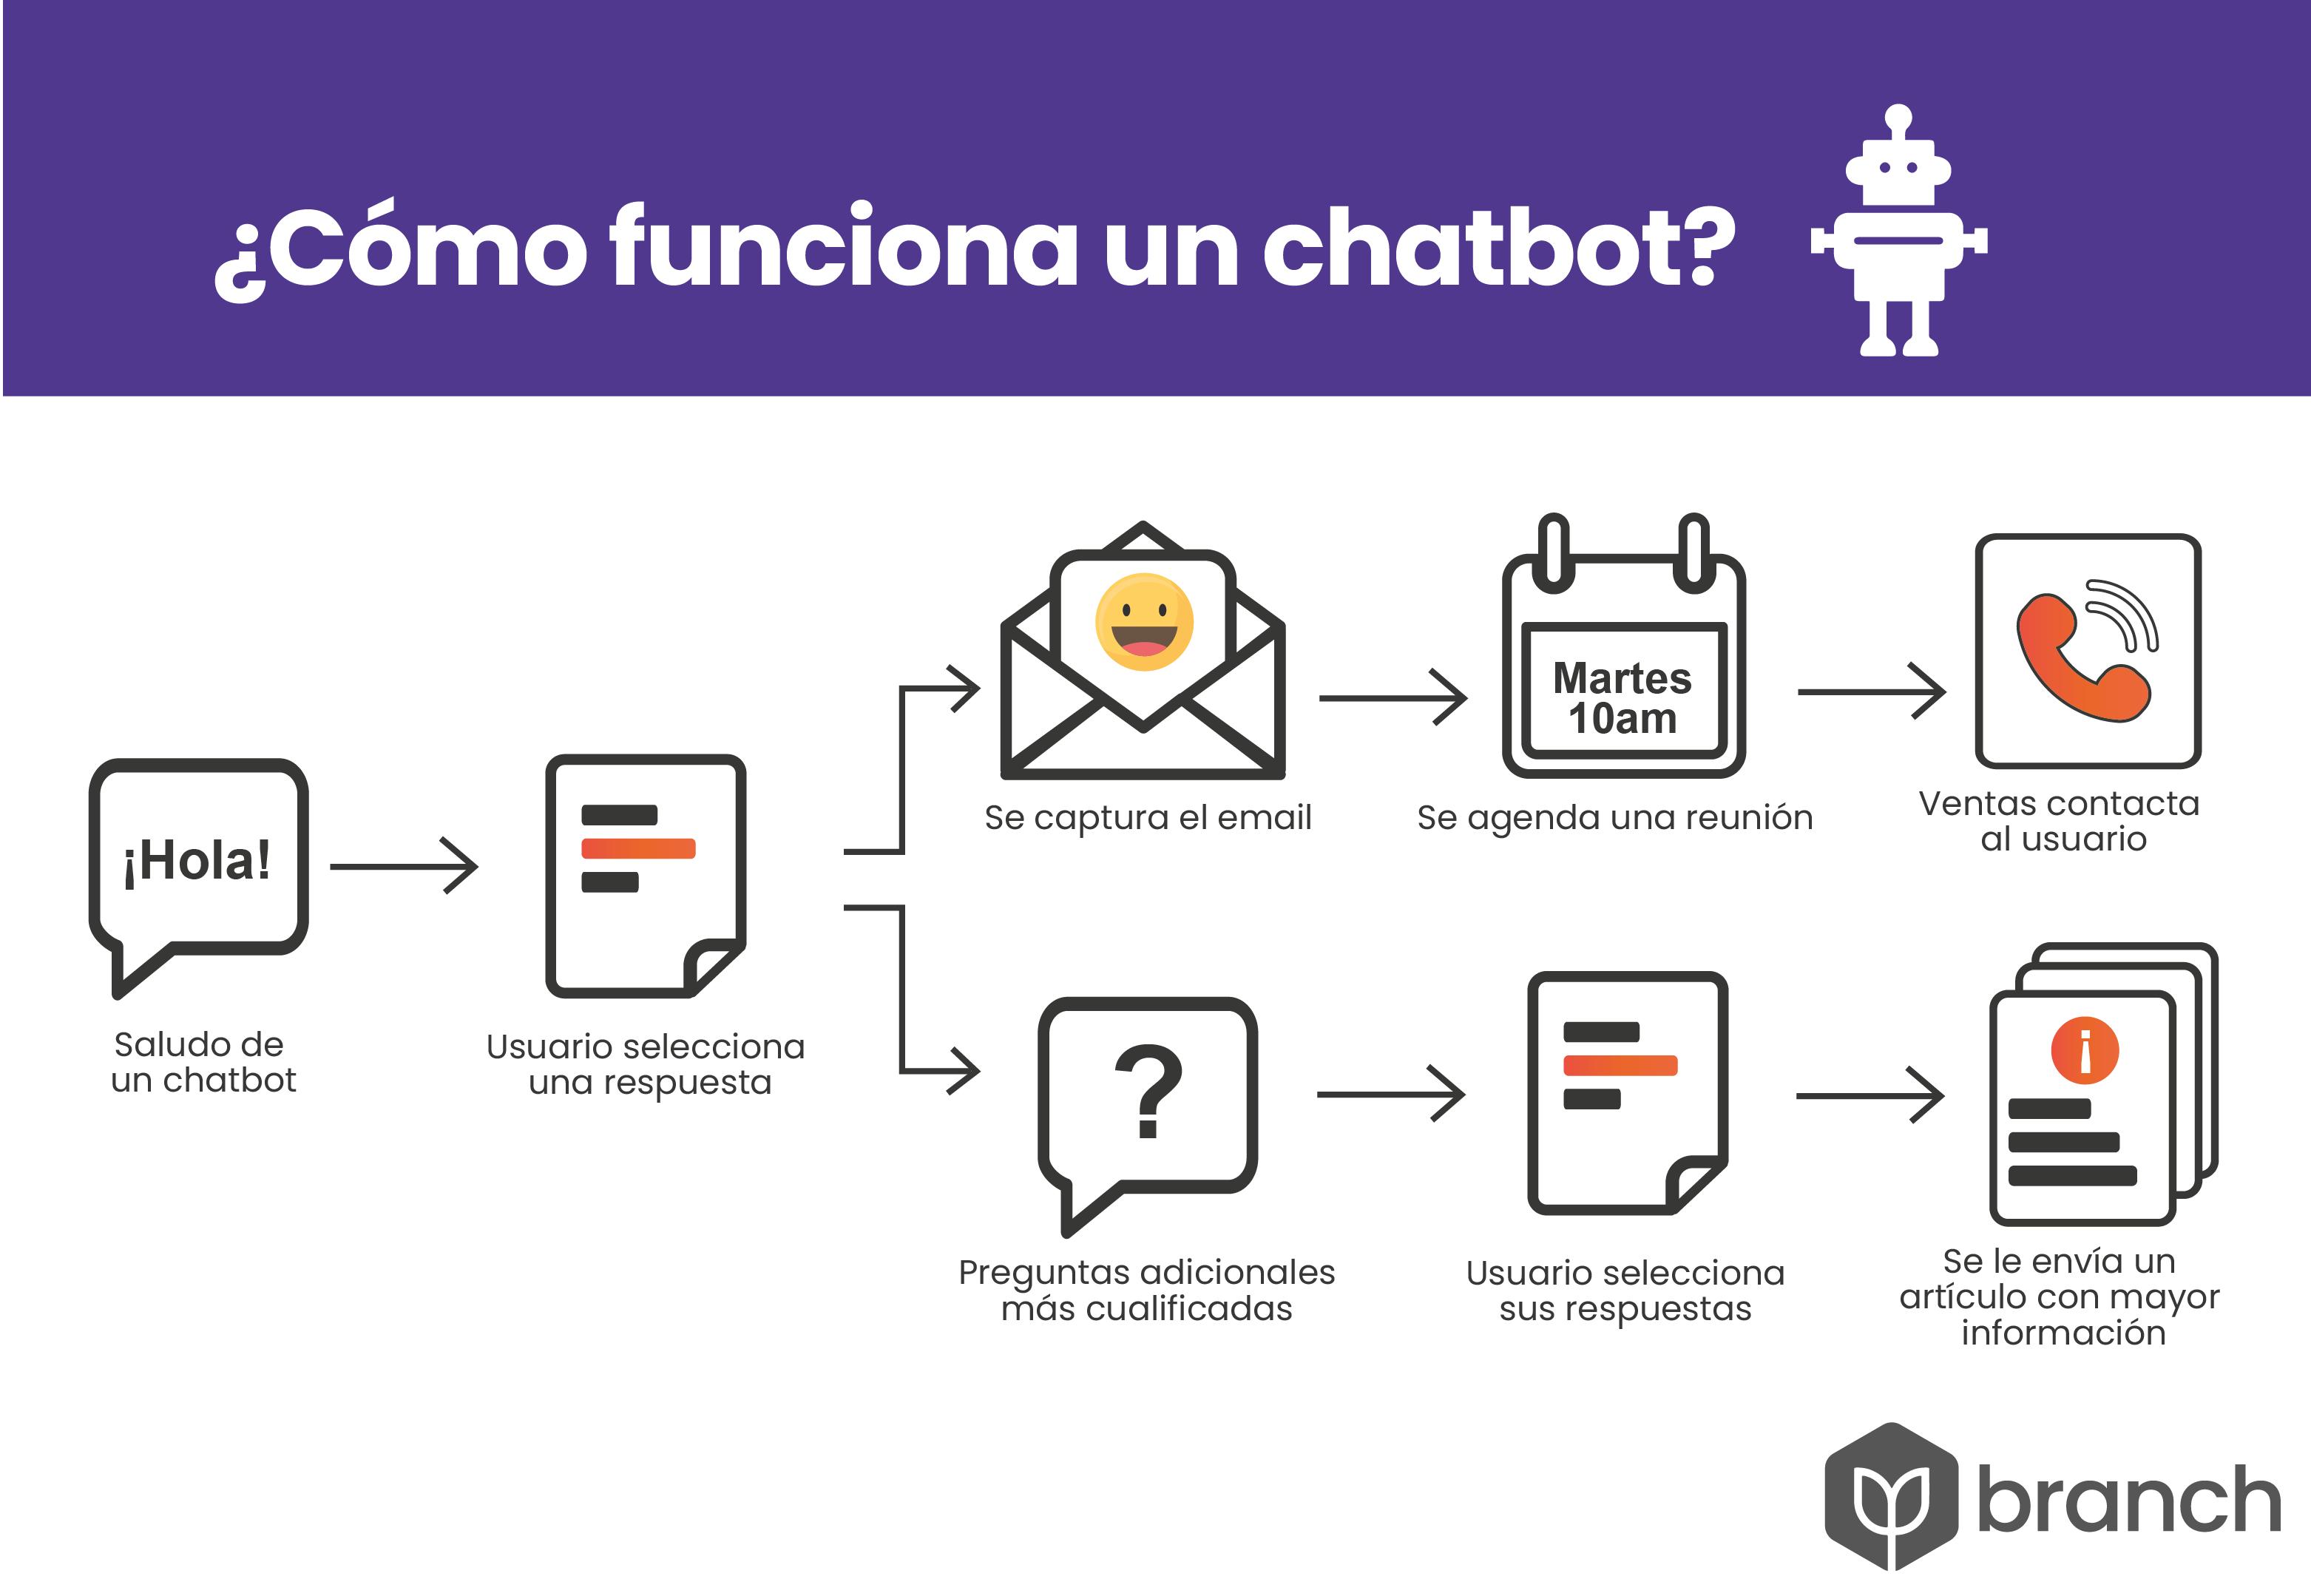 funcionamiento-de-un-chatbot